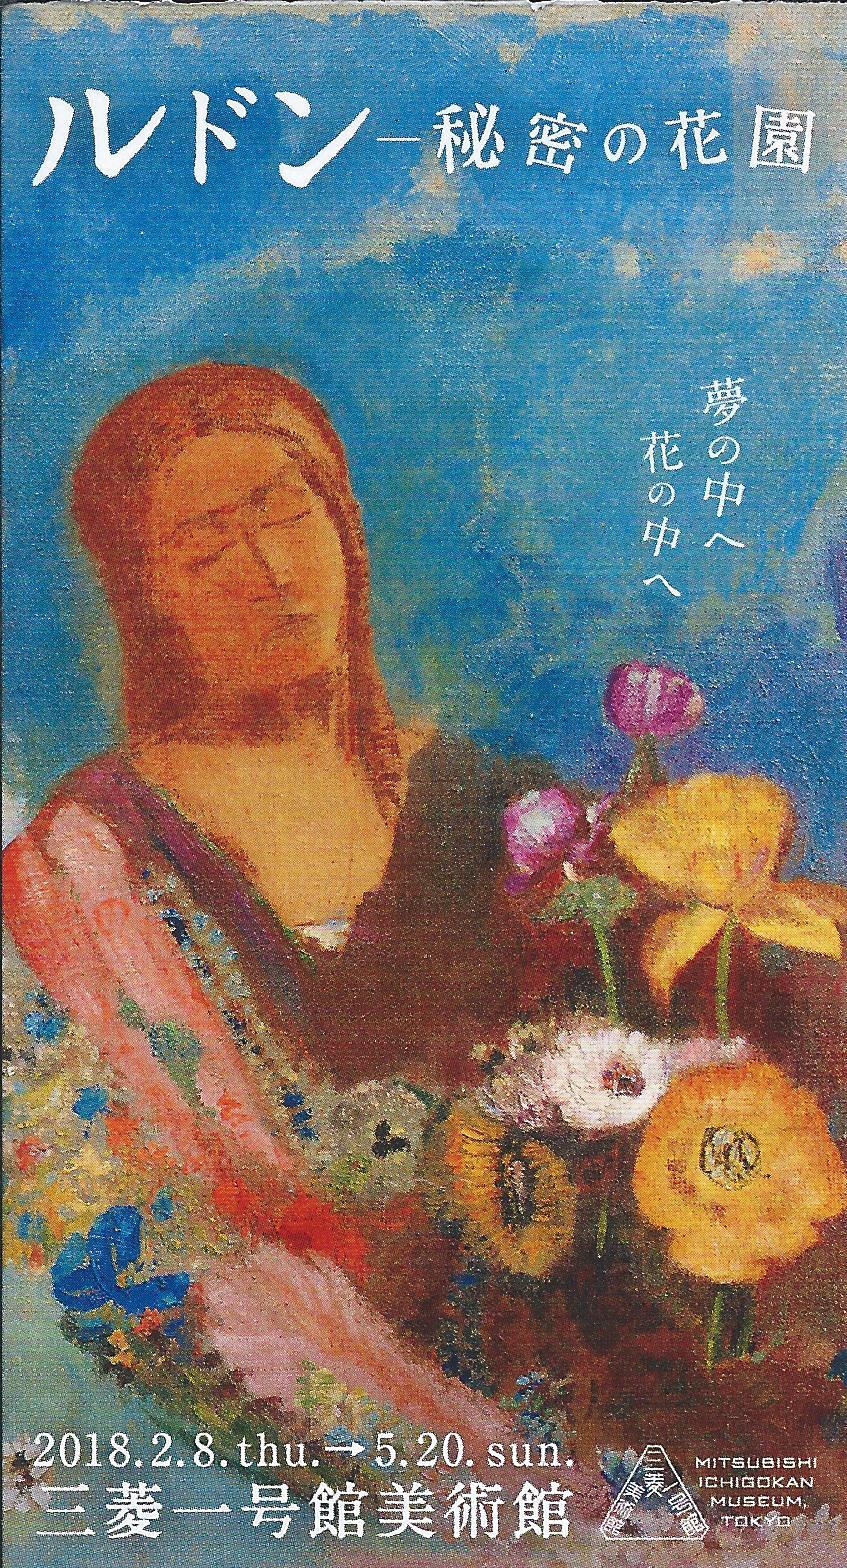 ルドン 秘密の花園(三菱一号館美術館)